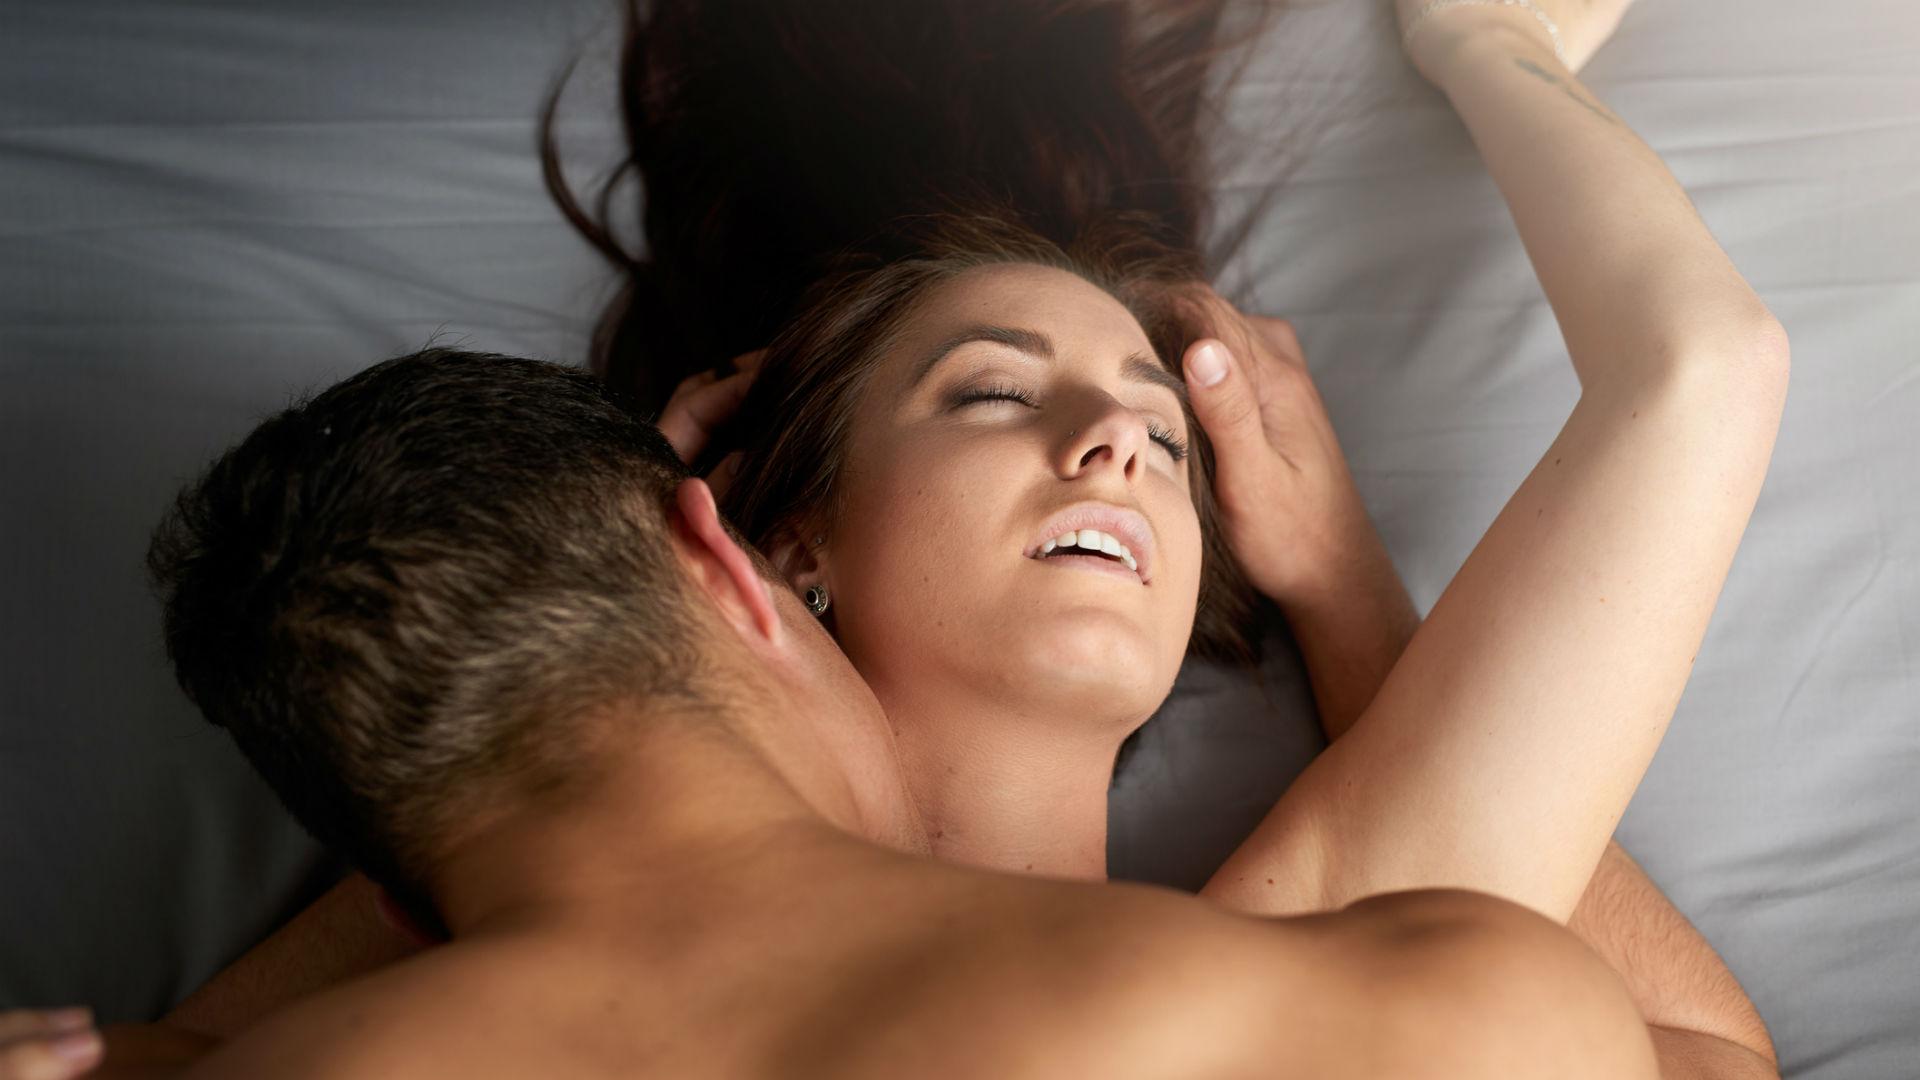 Mujer soltera puno porno Caldas-93445